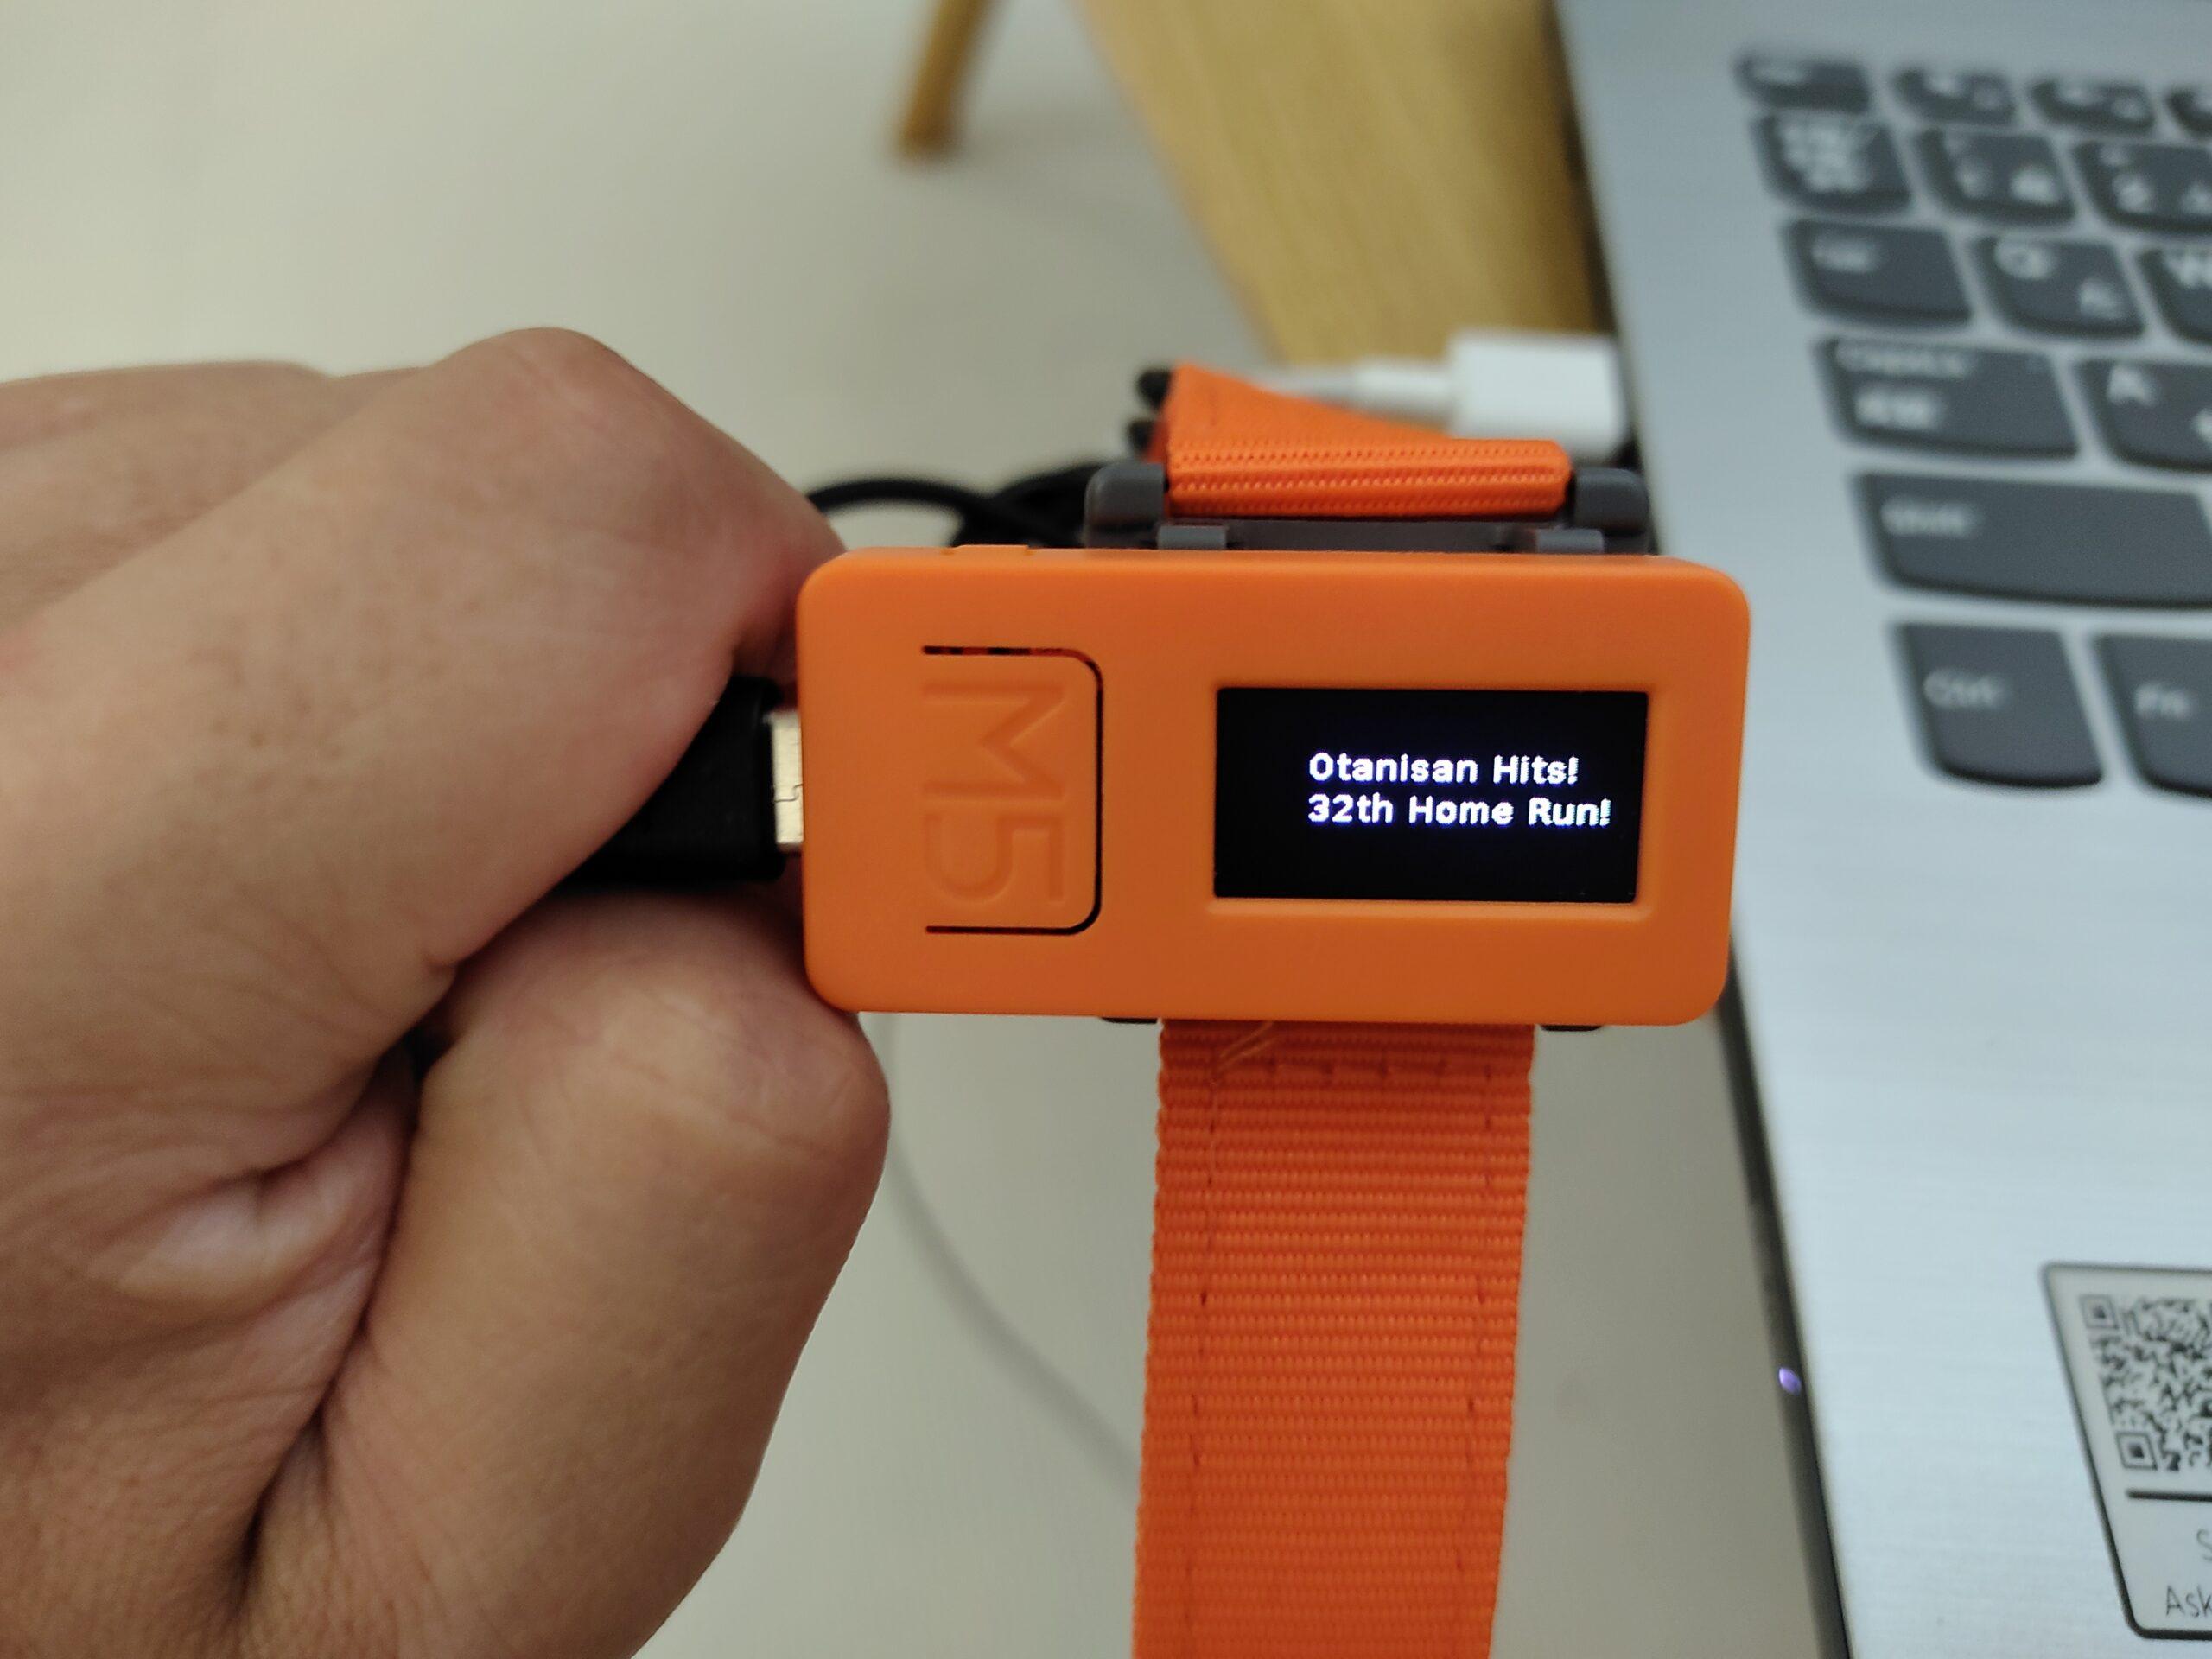 M5StickCでヌードボールペン&オオタニサンHR速報WEBスクレイピング機能付き時計の作成④「micropythonでオオタニサンHR速報WEBスクレイピング機能実装」